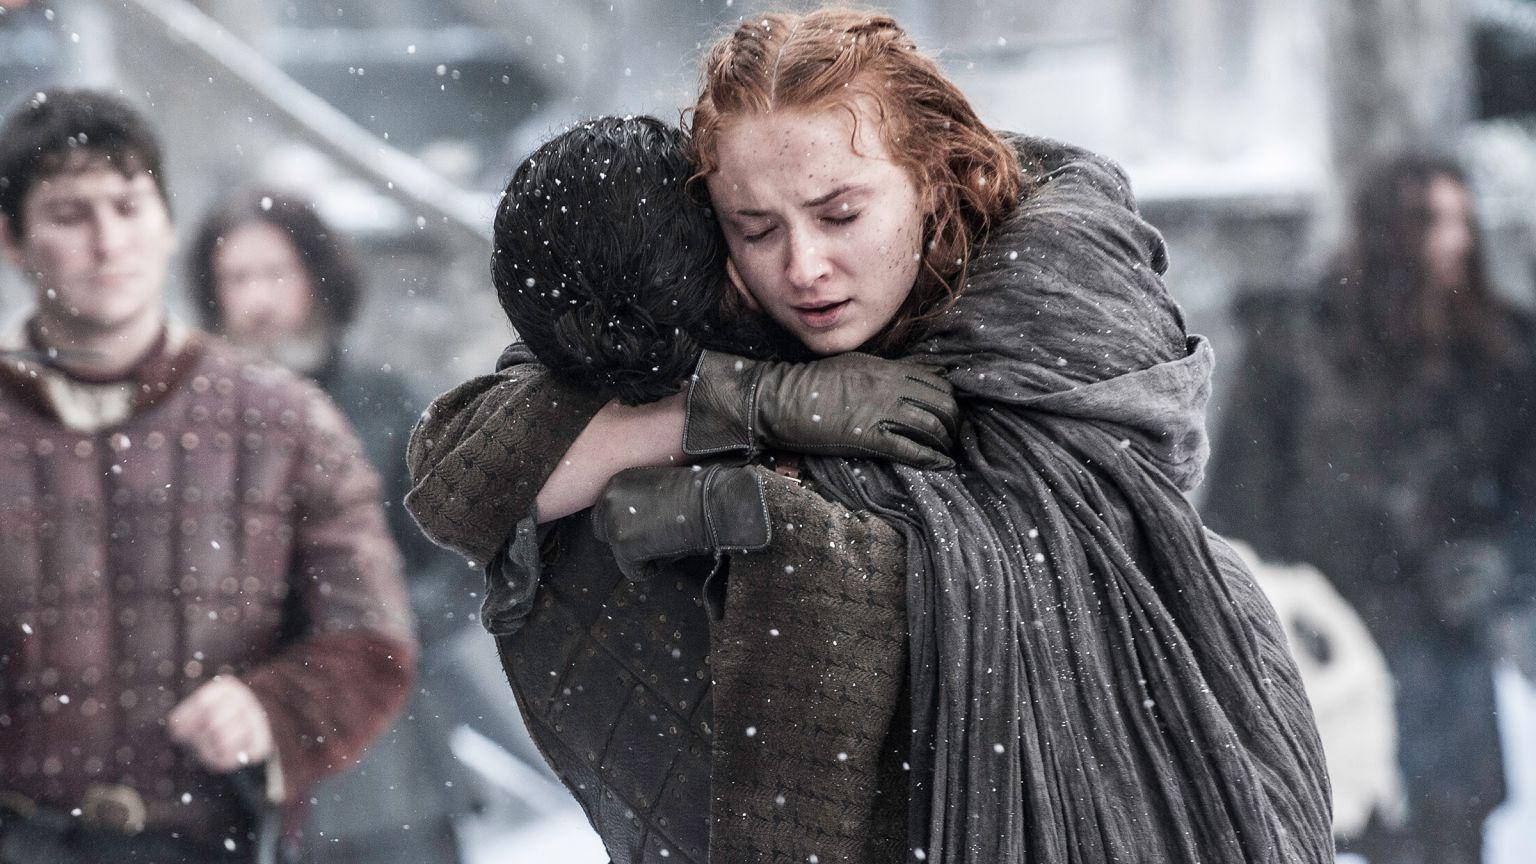 Il trono di spade: l'abbraccio tra Sansa e Jon Snow in Book of the Stranger